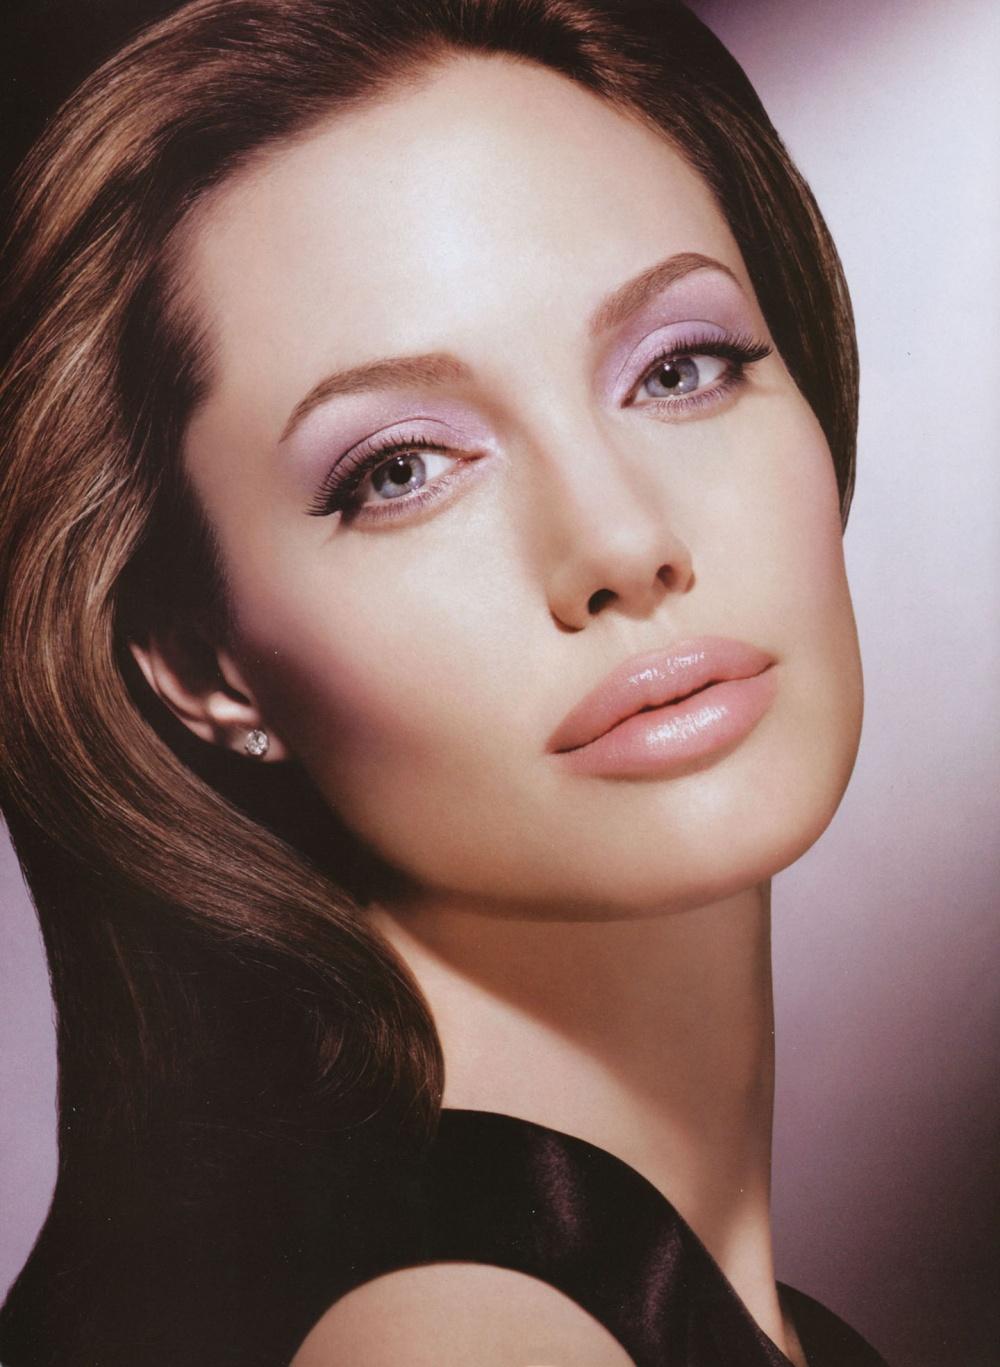 Самые красивые женщины мира. Фото самых красивых женщин